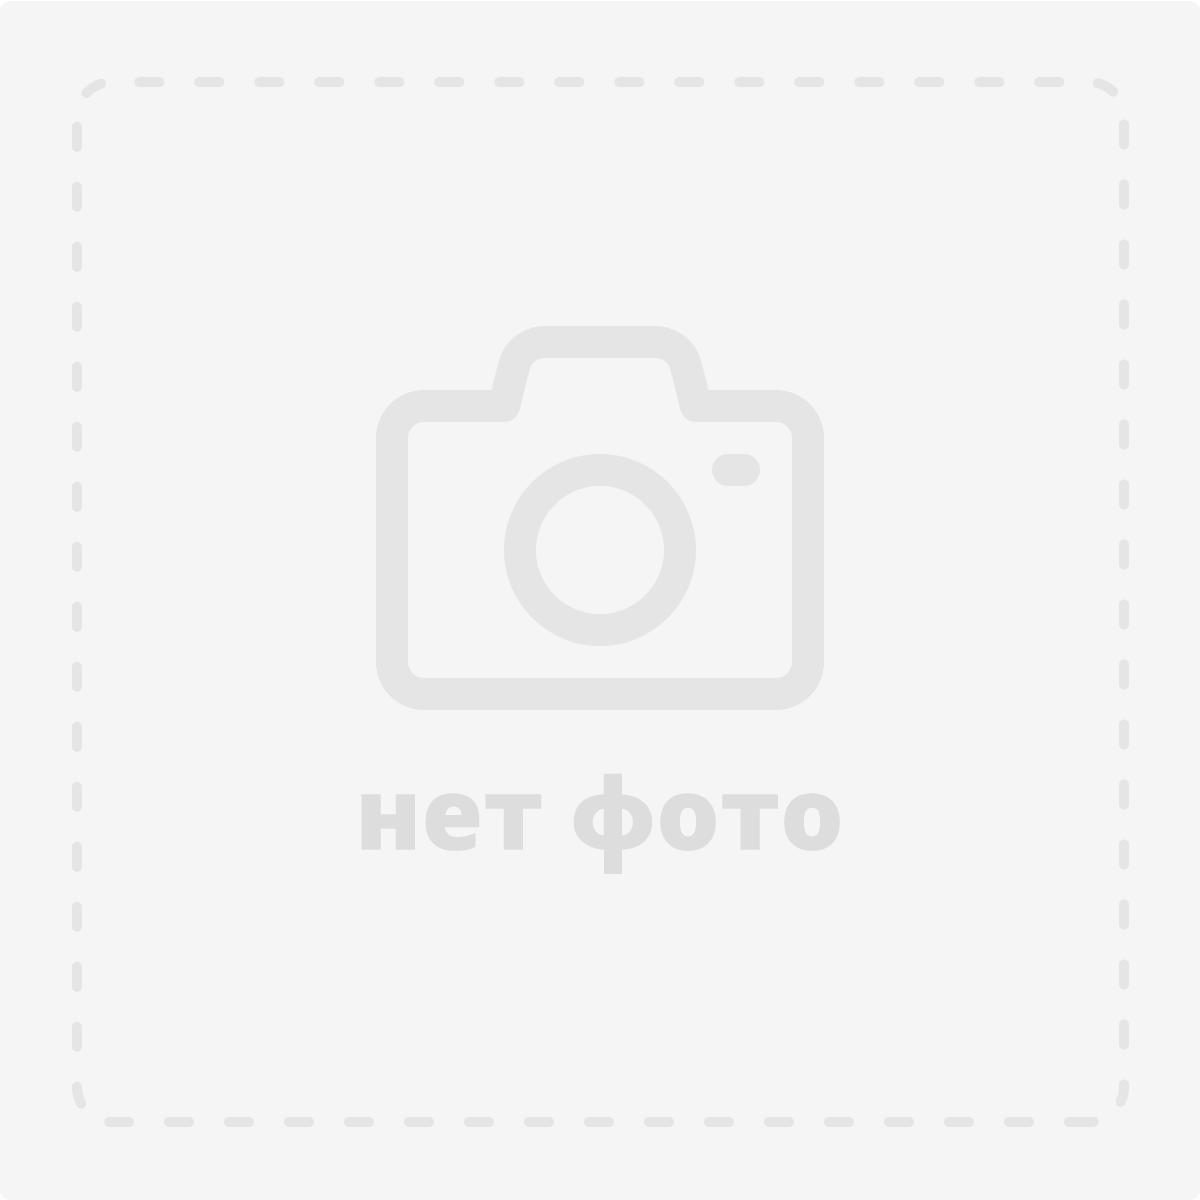 Нумизмат  пытался провезти через границу России 3310 редких монет